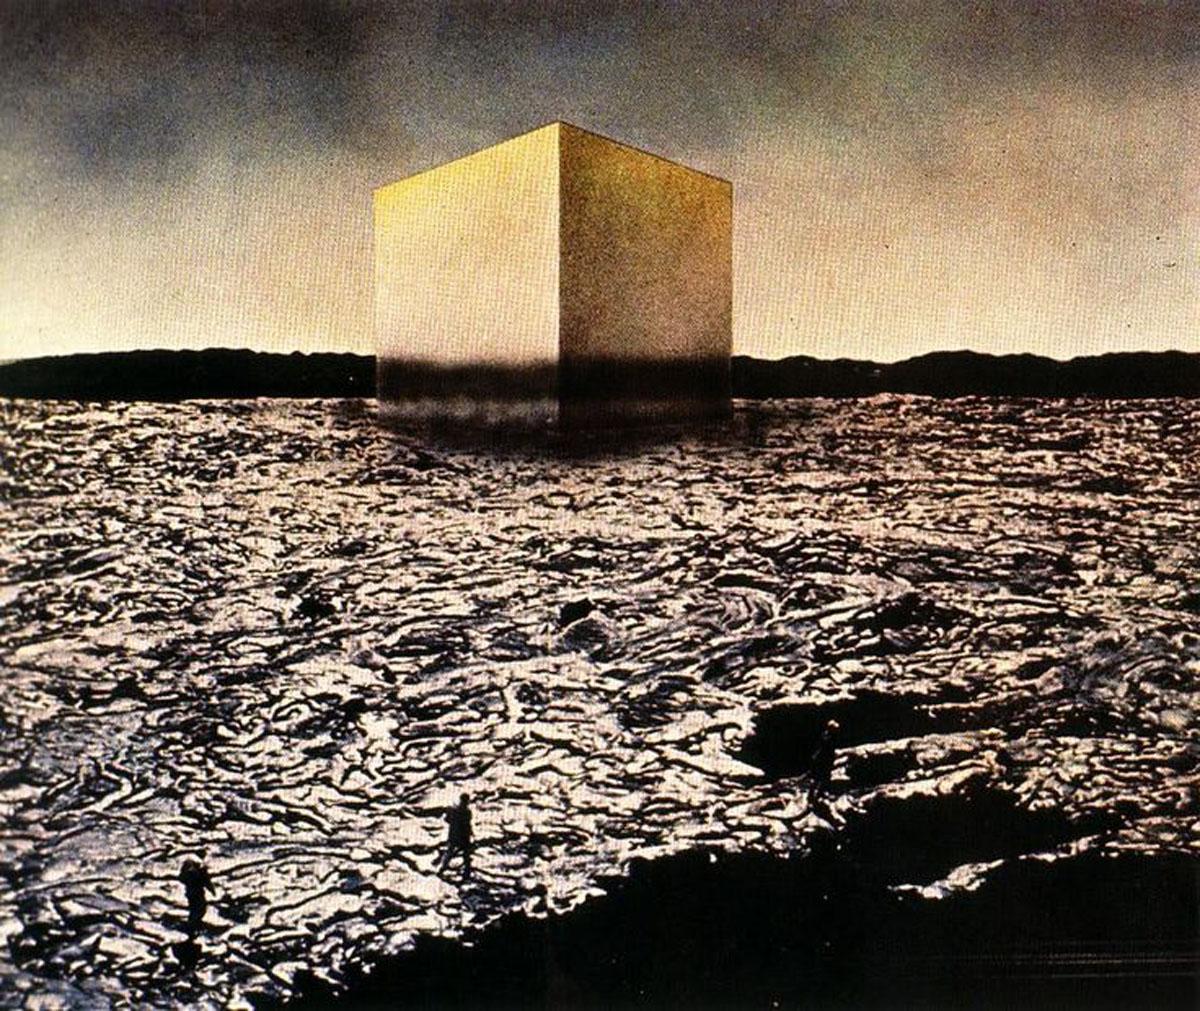 New York of Brains, 12 Ideal Cities, 1971 / Superstudio